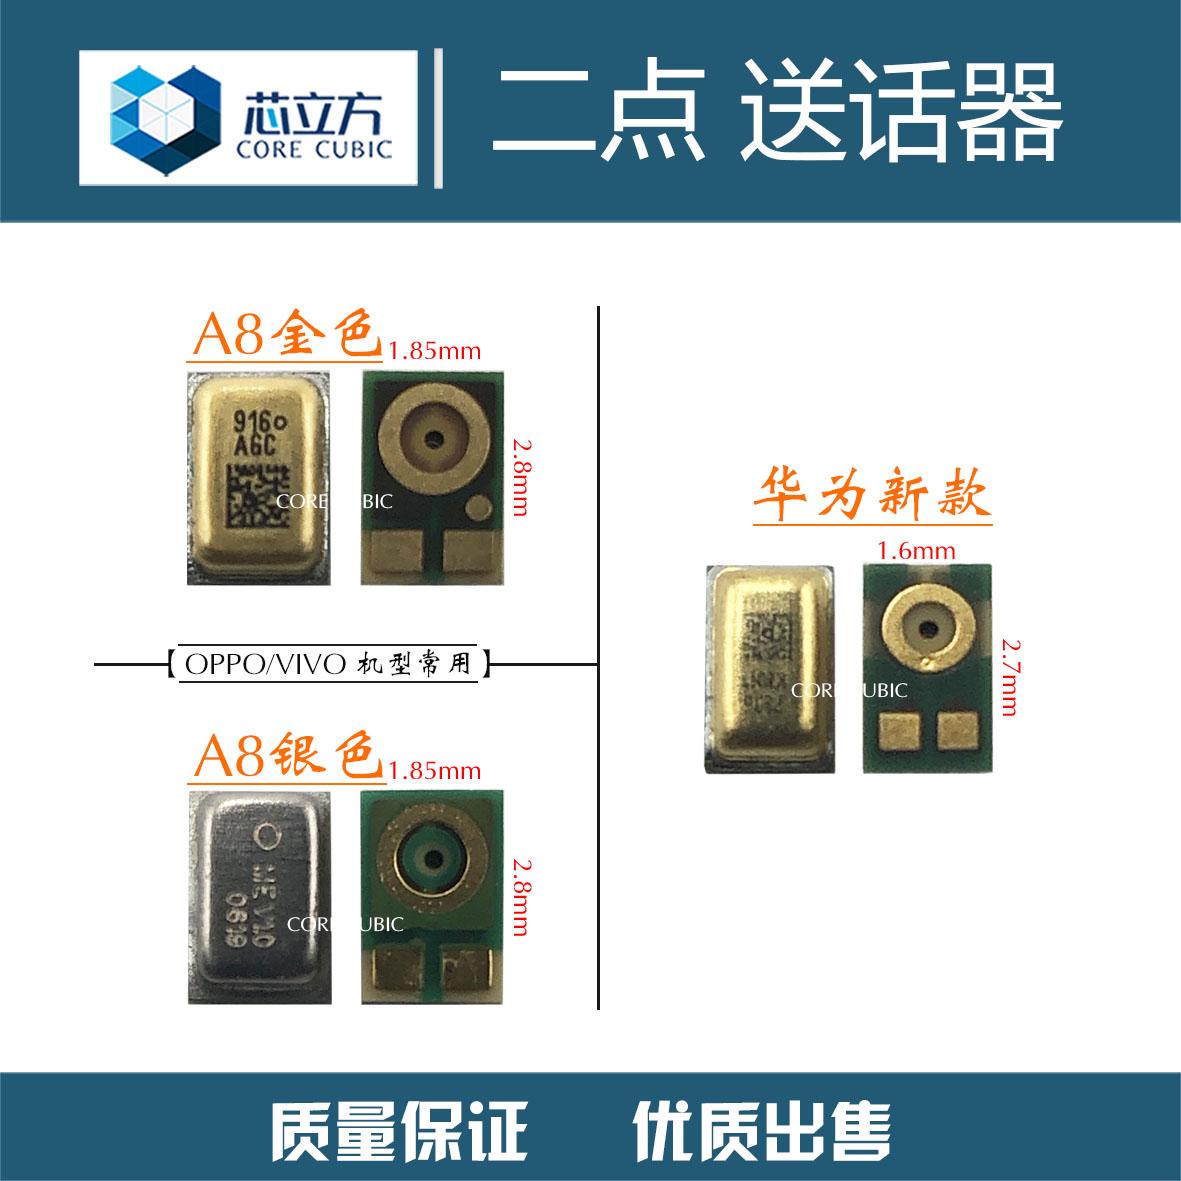 サムスンファーウェイOPO栄光vivoy 55 y 67 x 9携帯電話の通用する2角の2足の送話器を適用します。